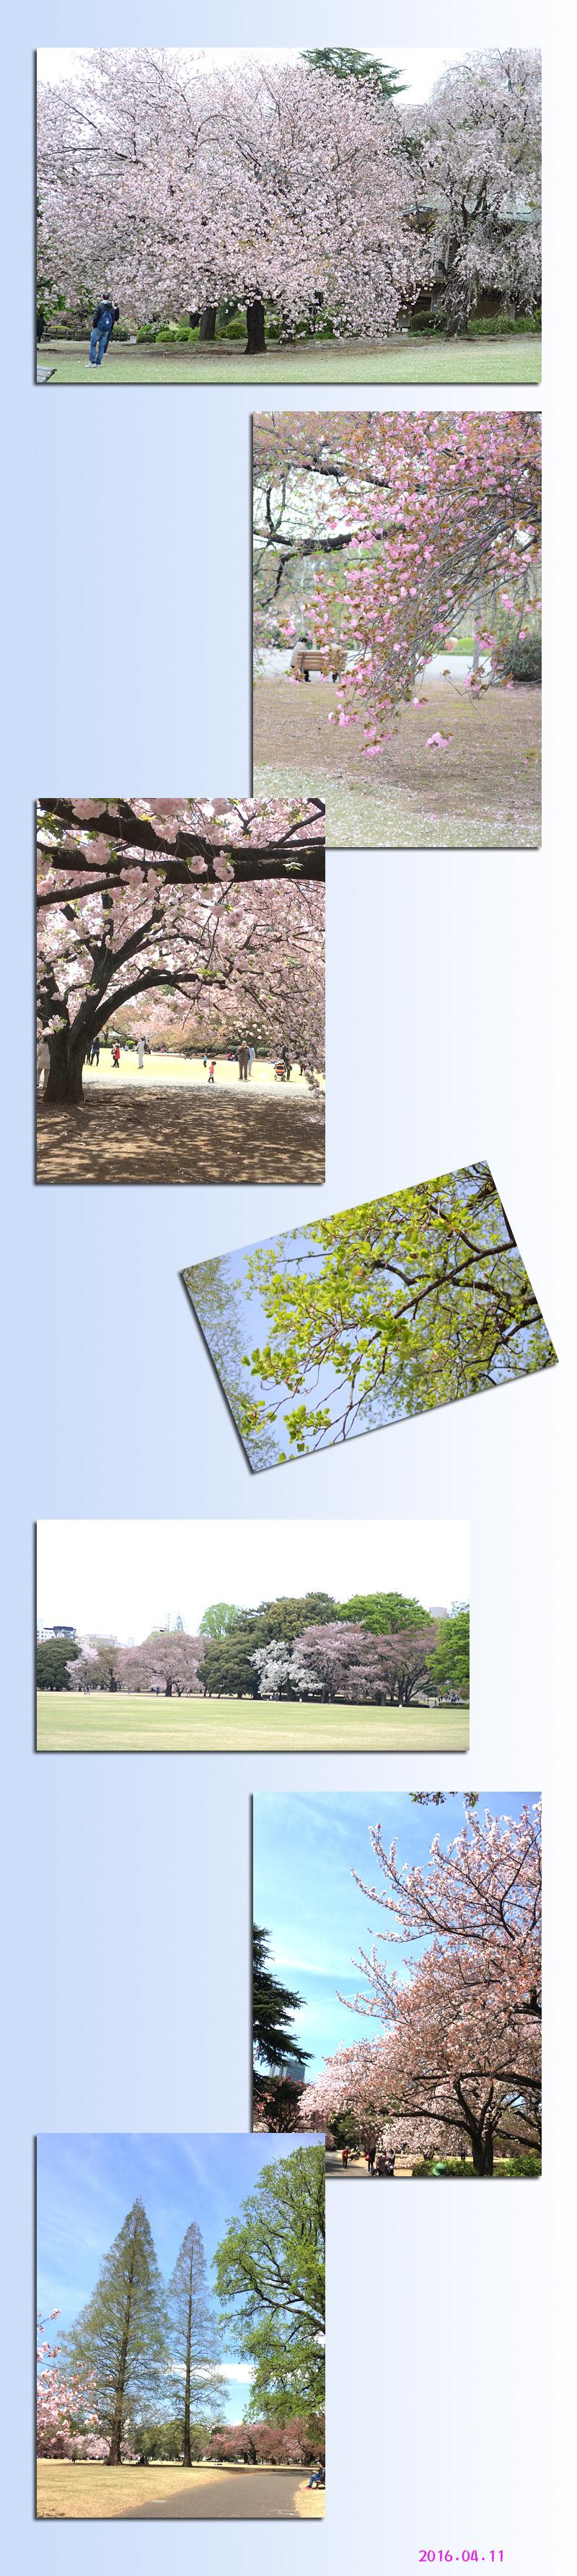 4月11日八重桜3